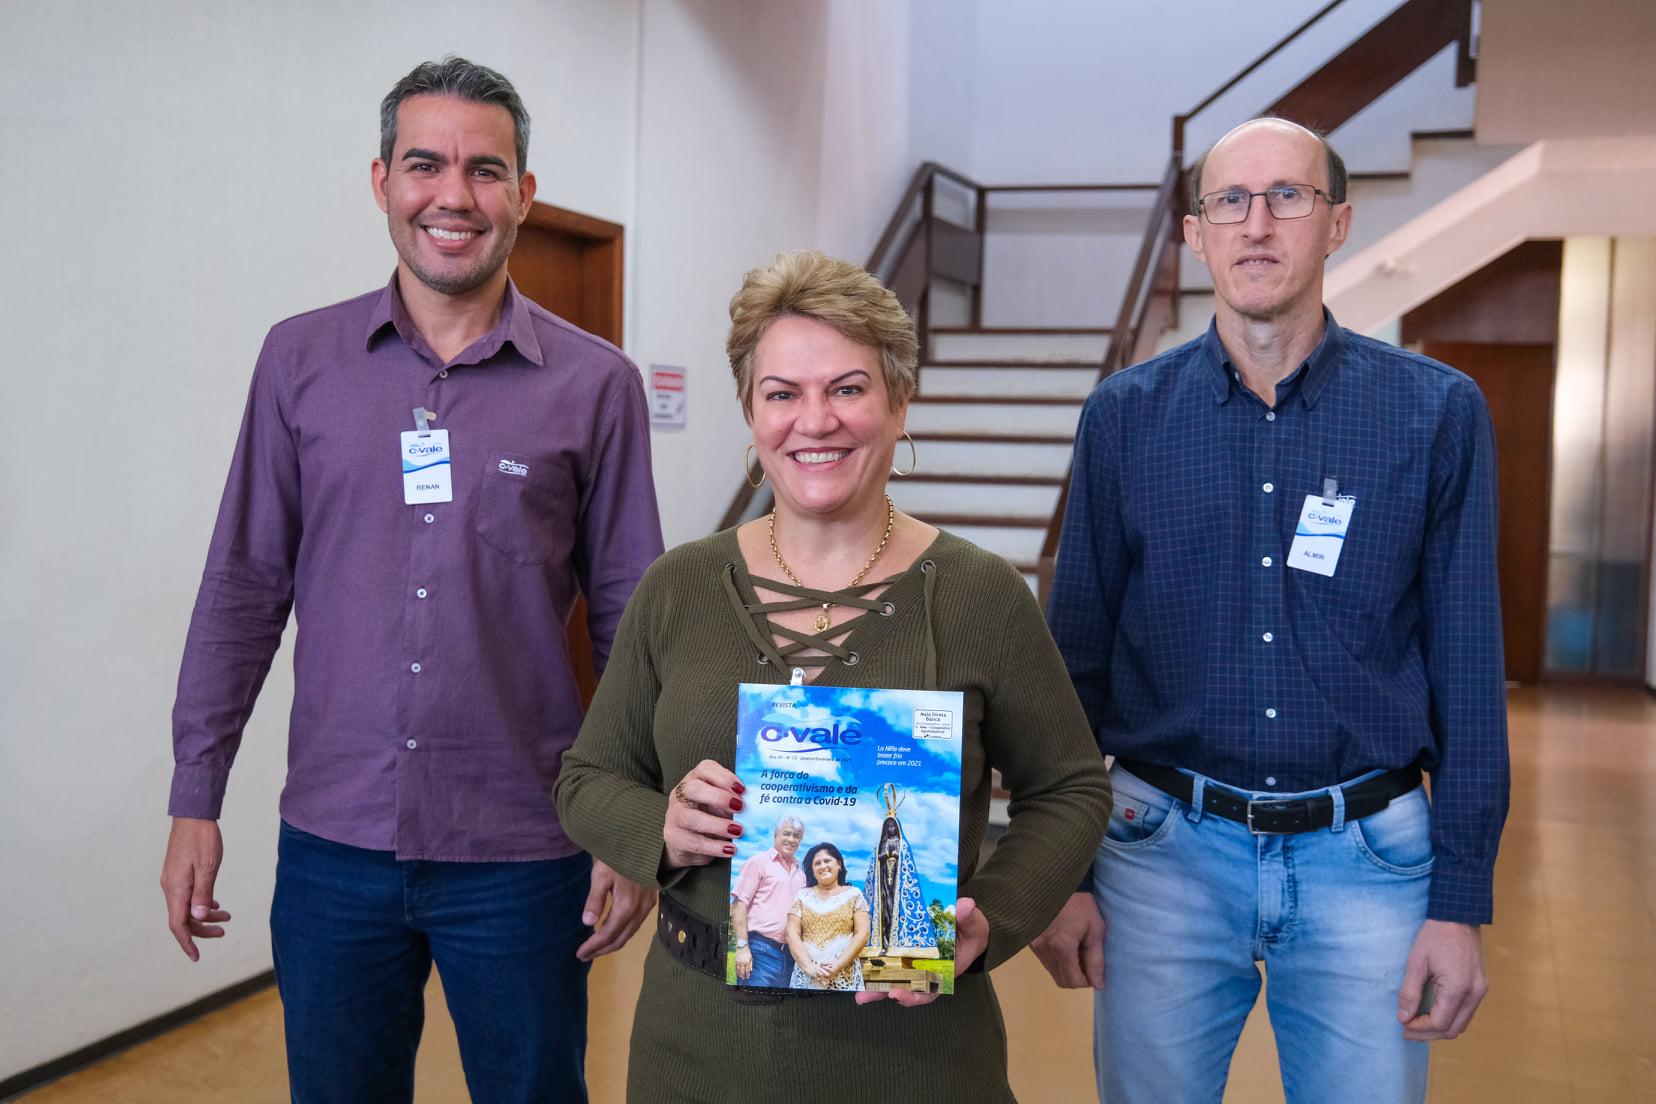 C.Vale conquista 2º lugar no Prêmio Ocepar de Jornalismo com matéria publicada na Revista C.Vale